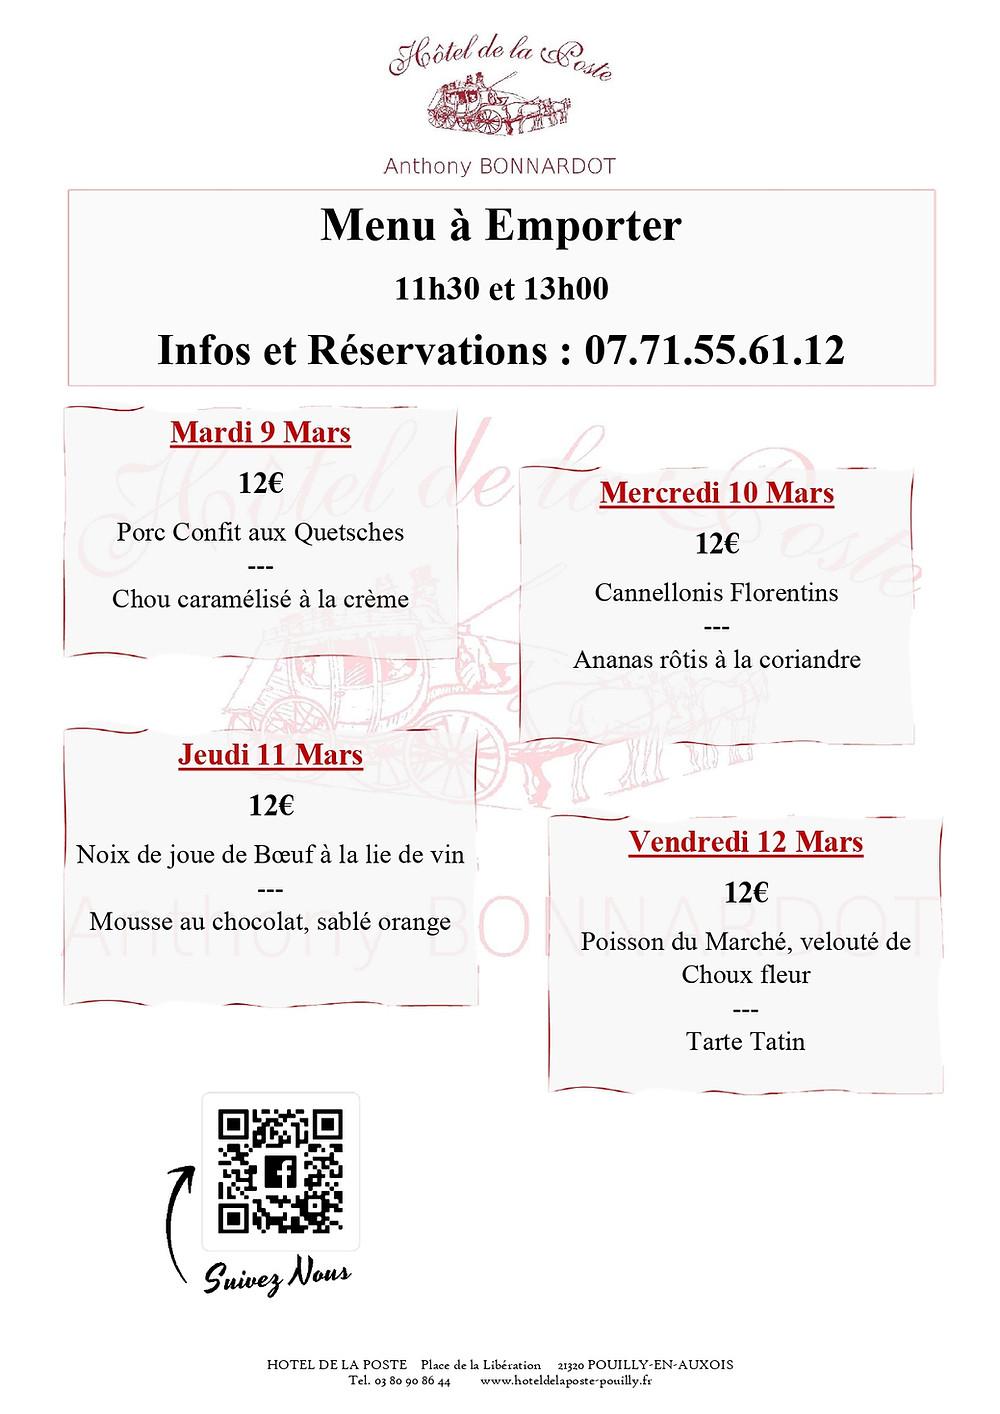 Menu de la semaine du 9 Mars - Hôtel de la Poste Pouilly en Auxois